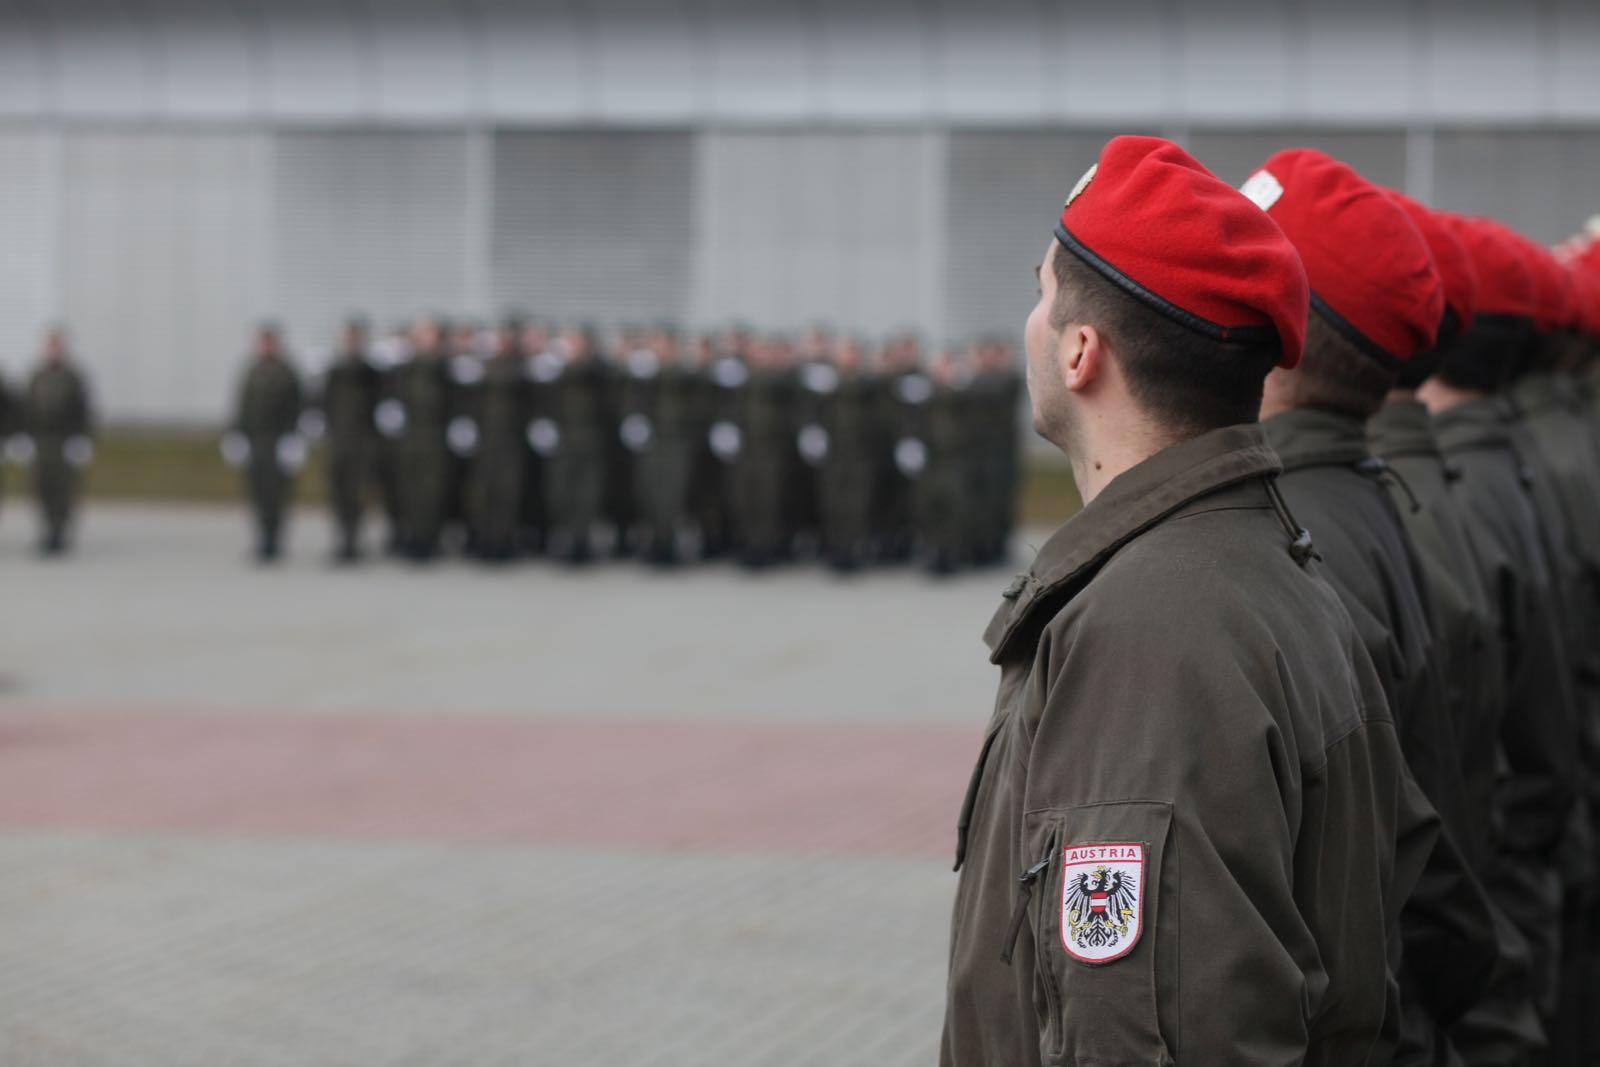 2019_02_08_5Gardekompanie_KPE_EUFOR30_Verabschiedung - 22 of 61